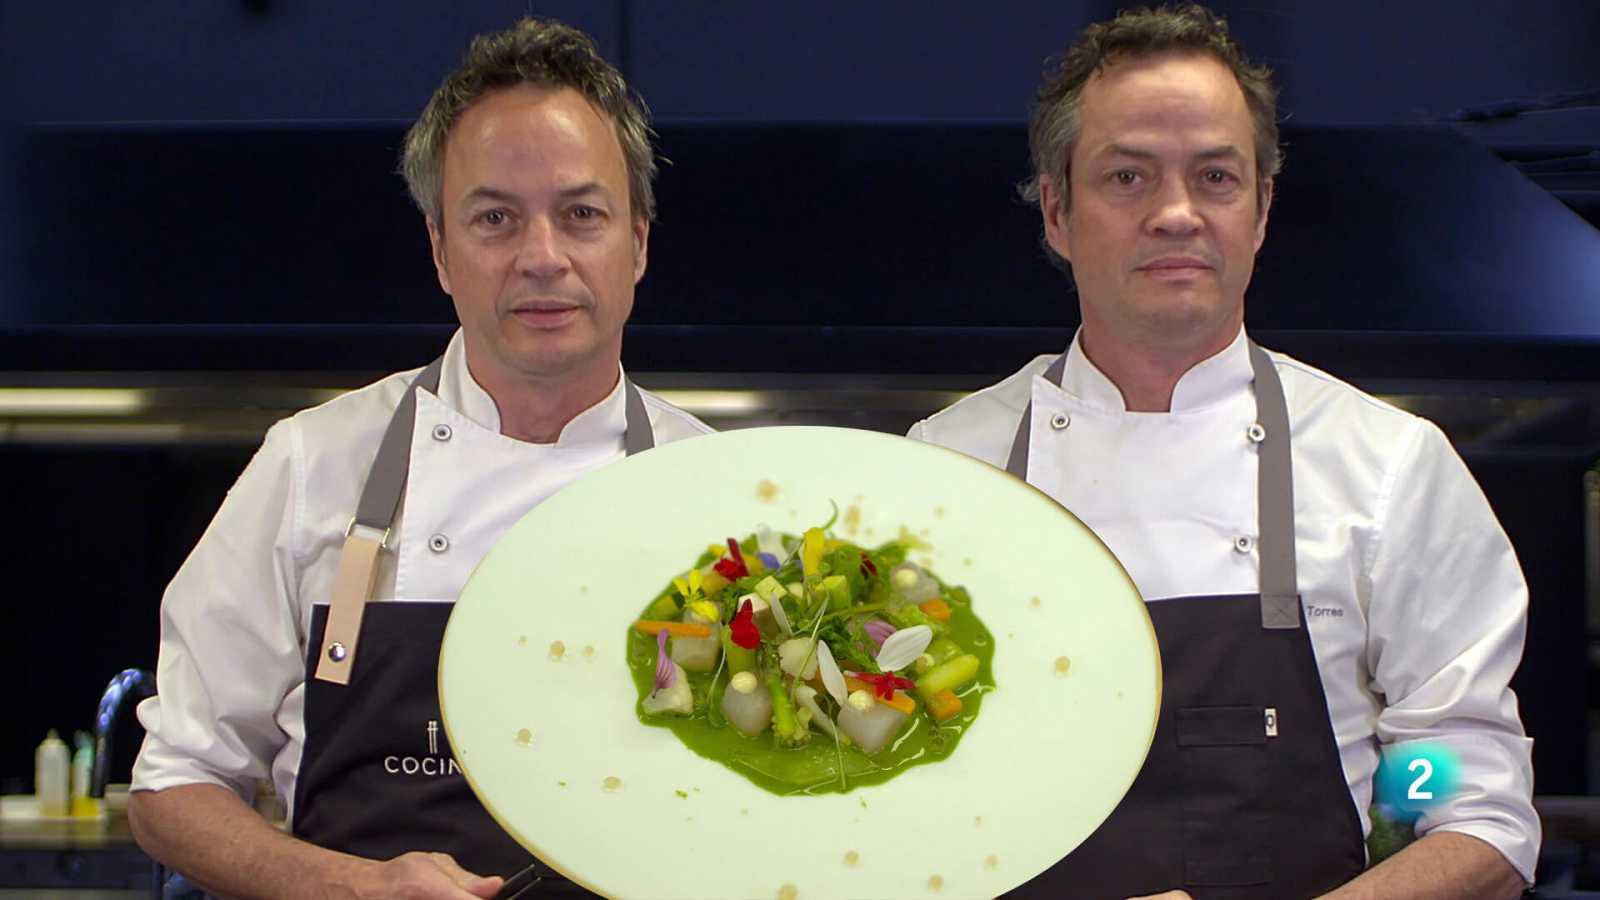 Els germans Torres ens ensenyen a cuinar un plat per enamorar: llobarro marinat amb sal de cítrics, verdures de primavera i emulsió d'herbes i flors.